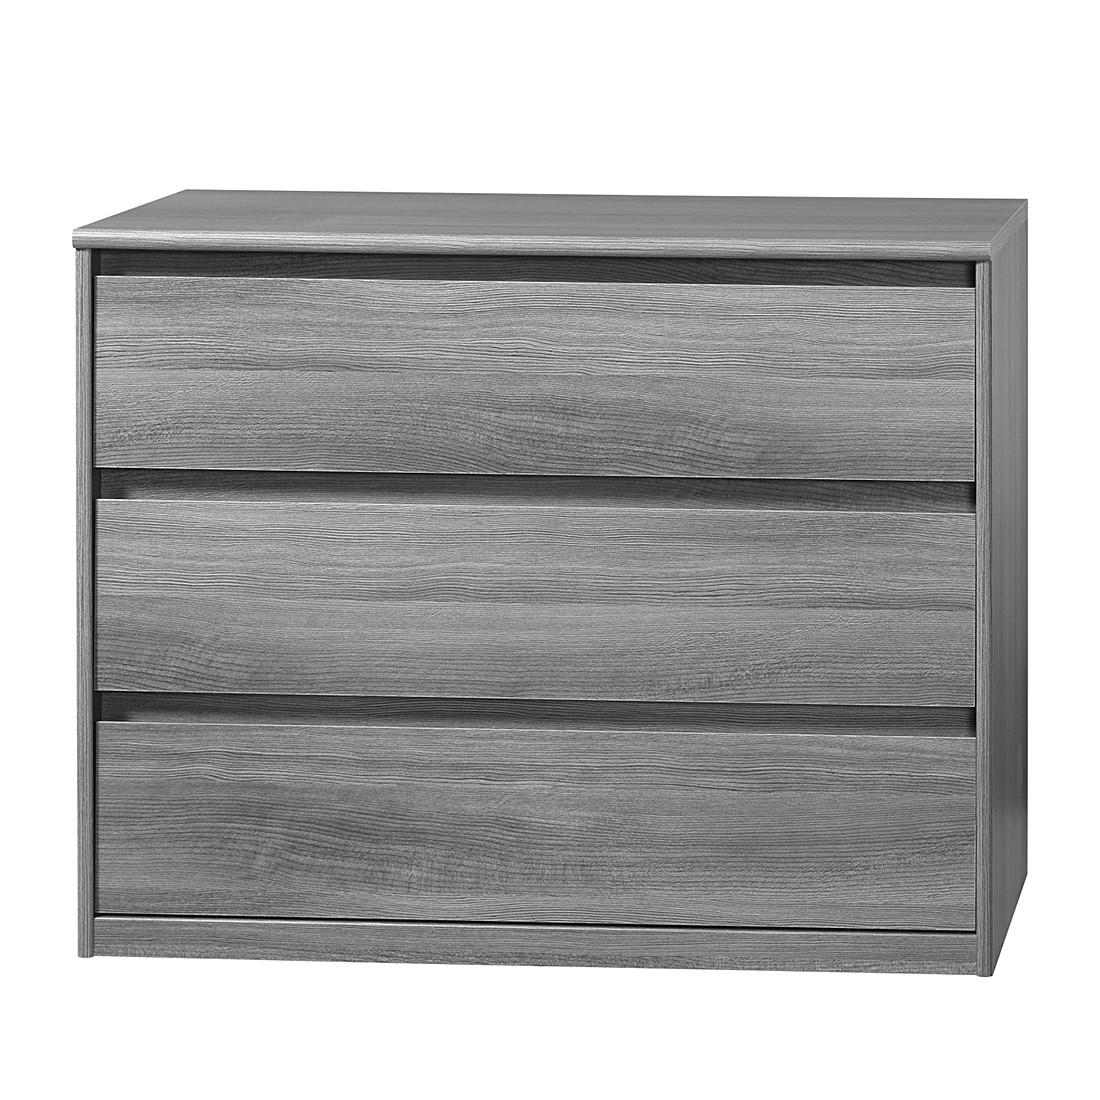 Cs Schmal Kommode Soft Smart I Silbereiche Dekor Sideboard Schrank